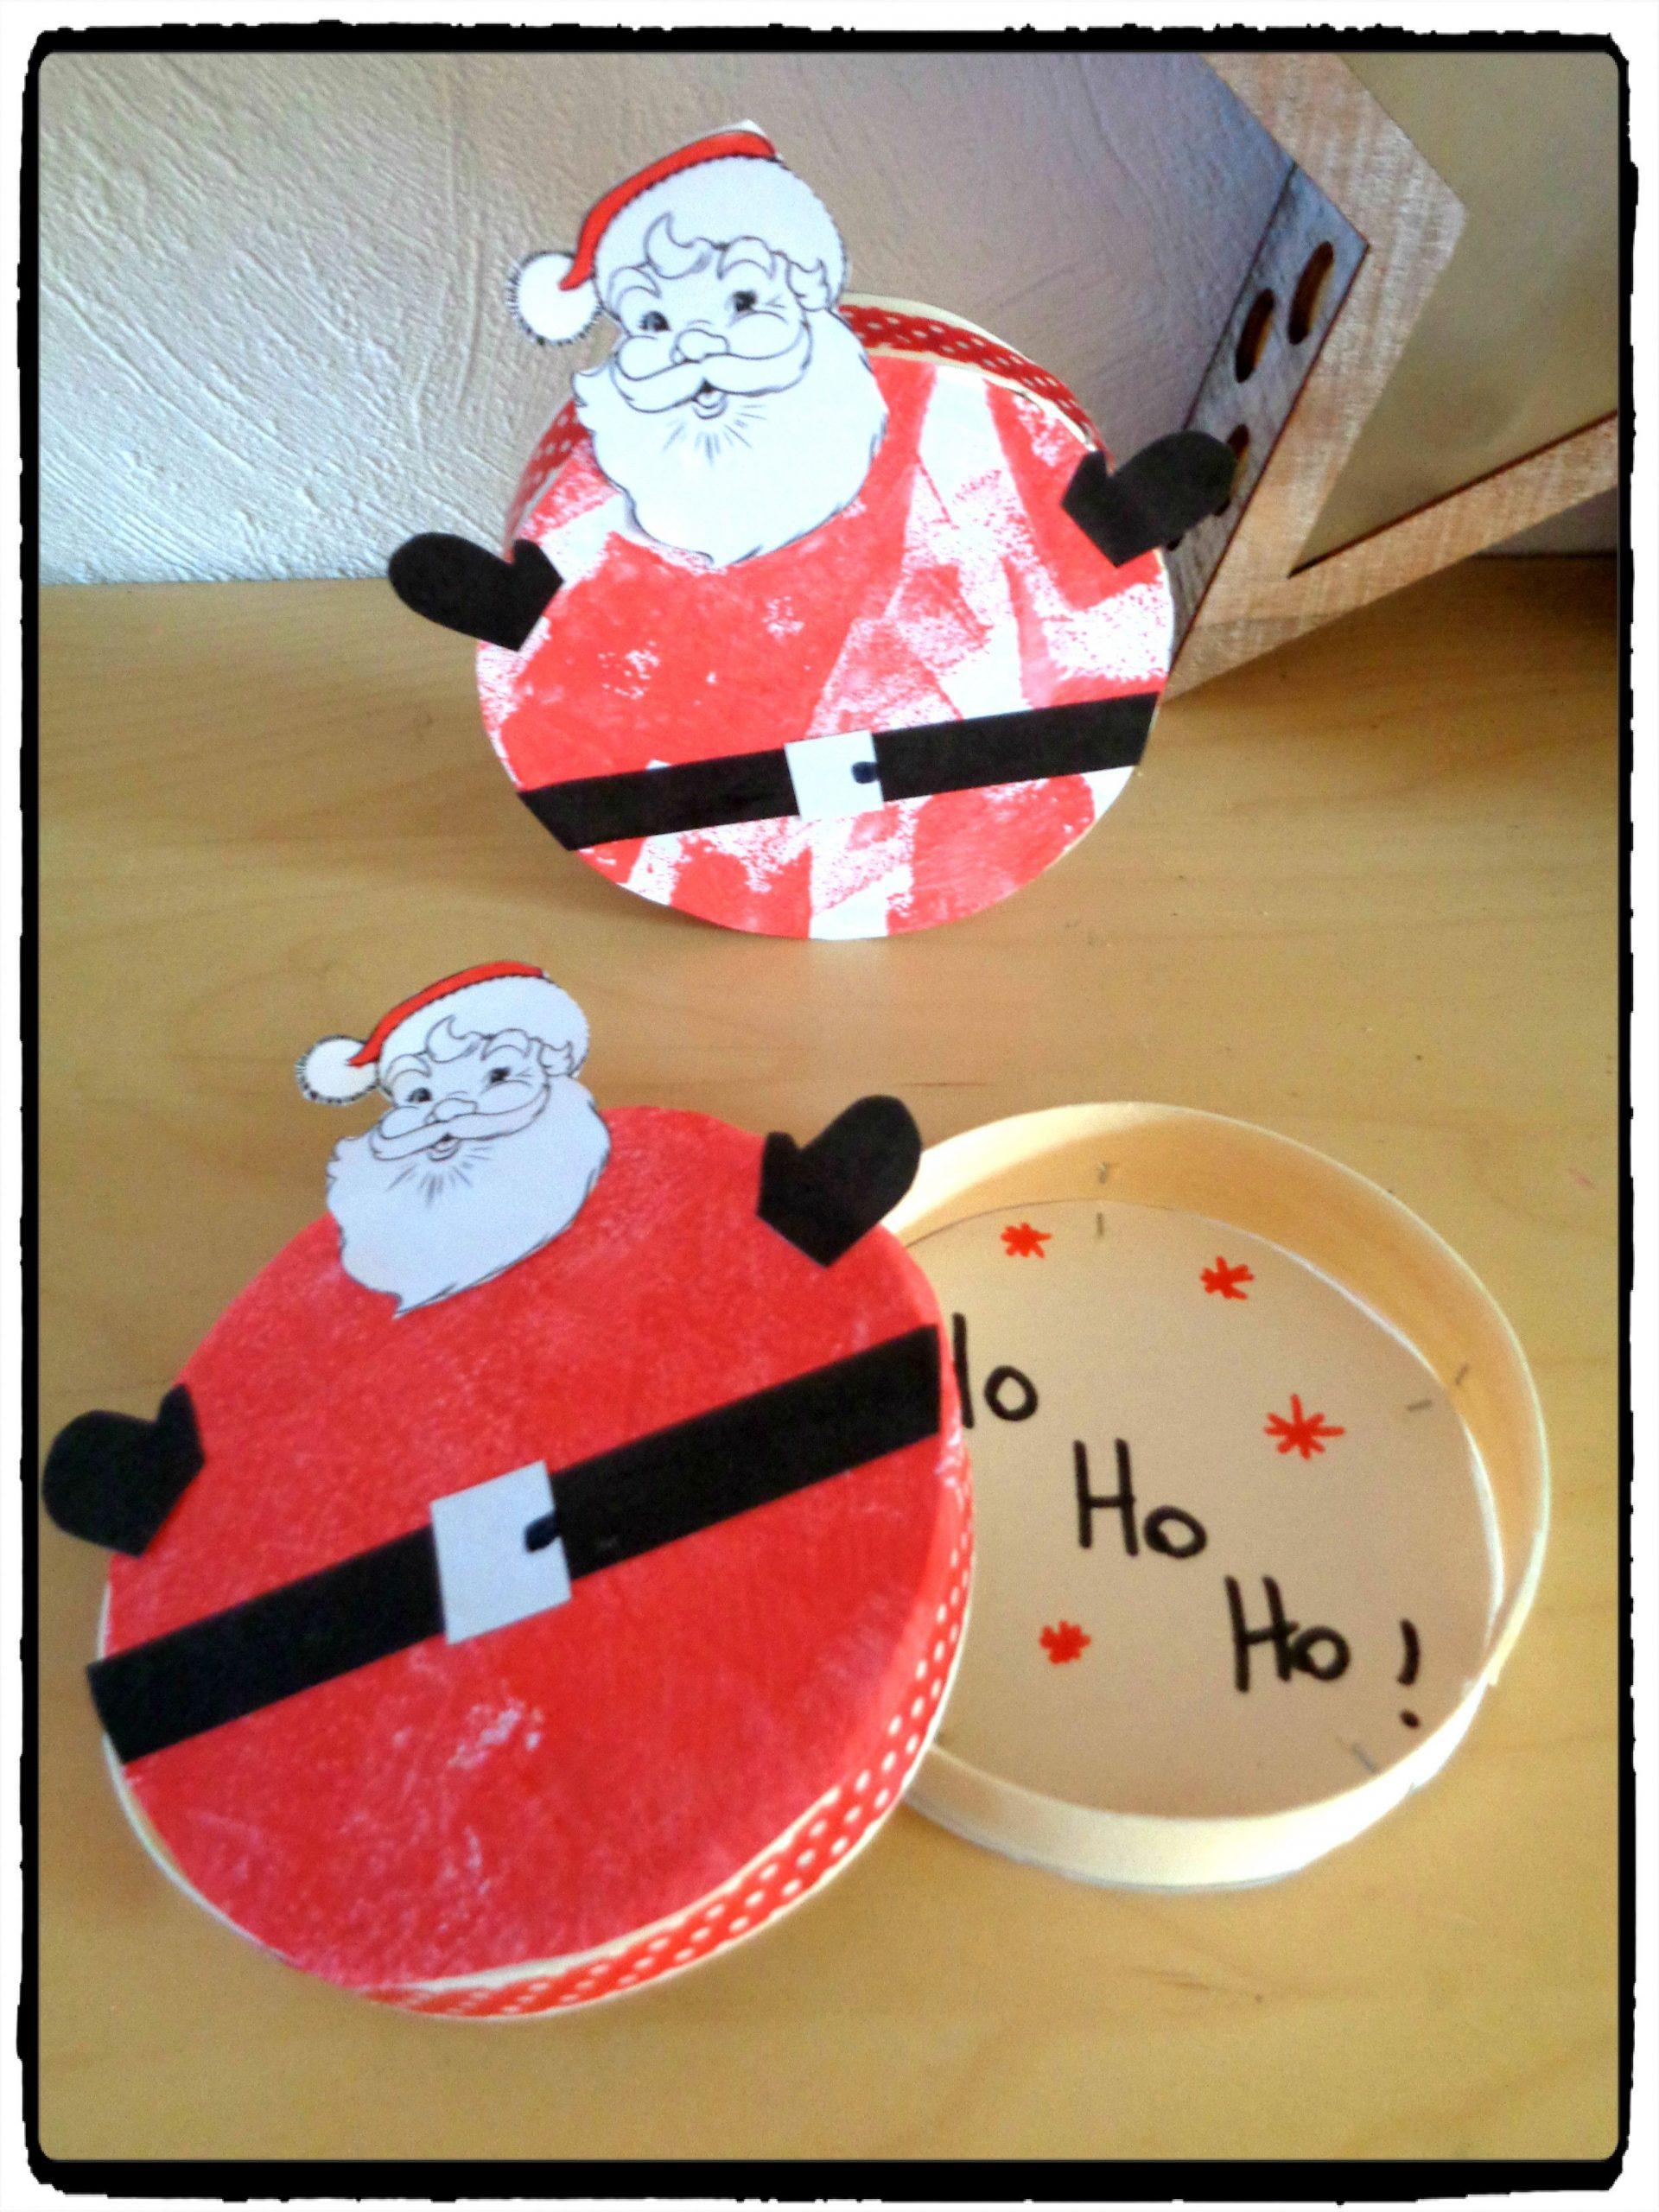 Bricolage De Noël : La Boîte Du Père Noël - | Activité avec Activités Manuelles Enfants Noel